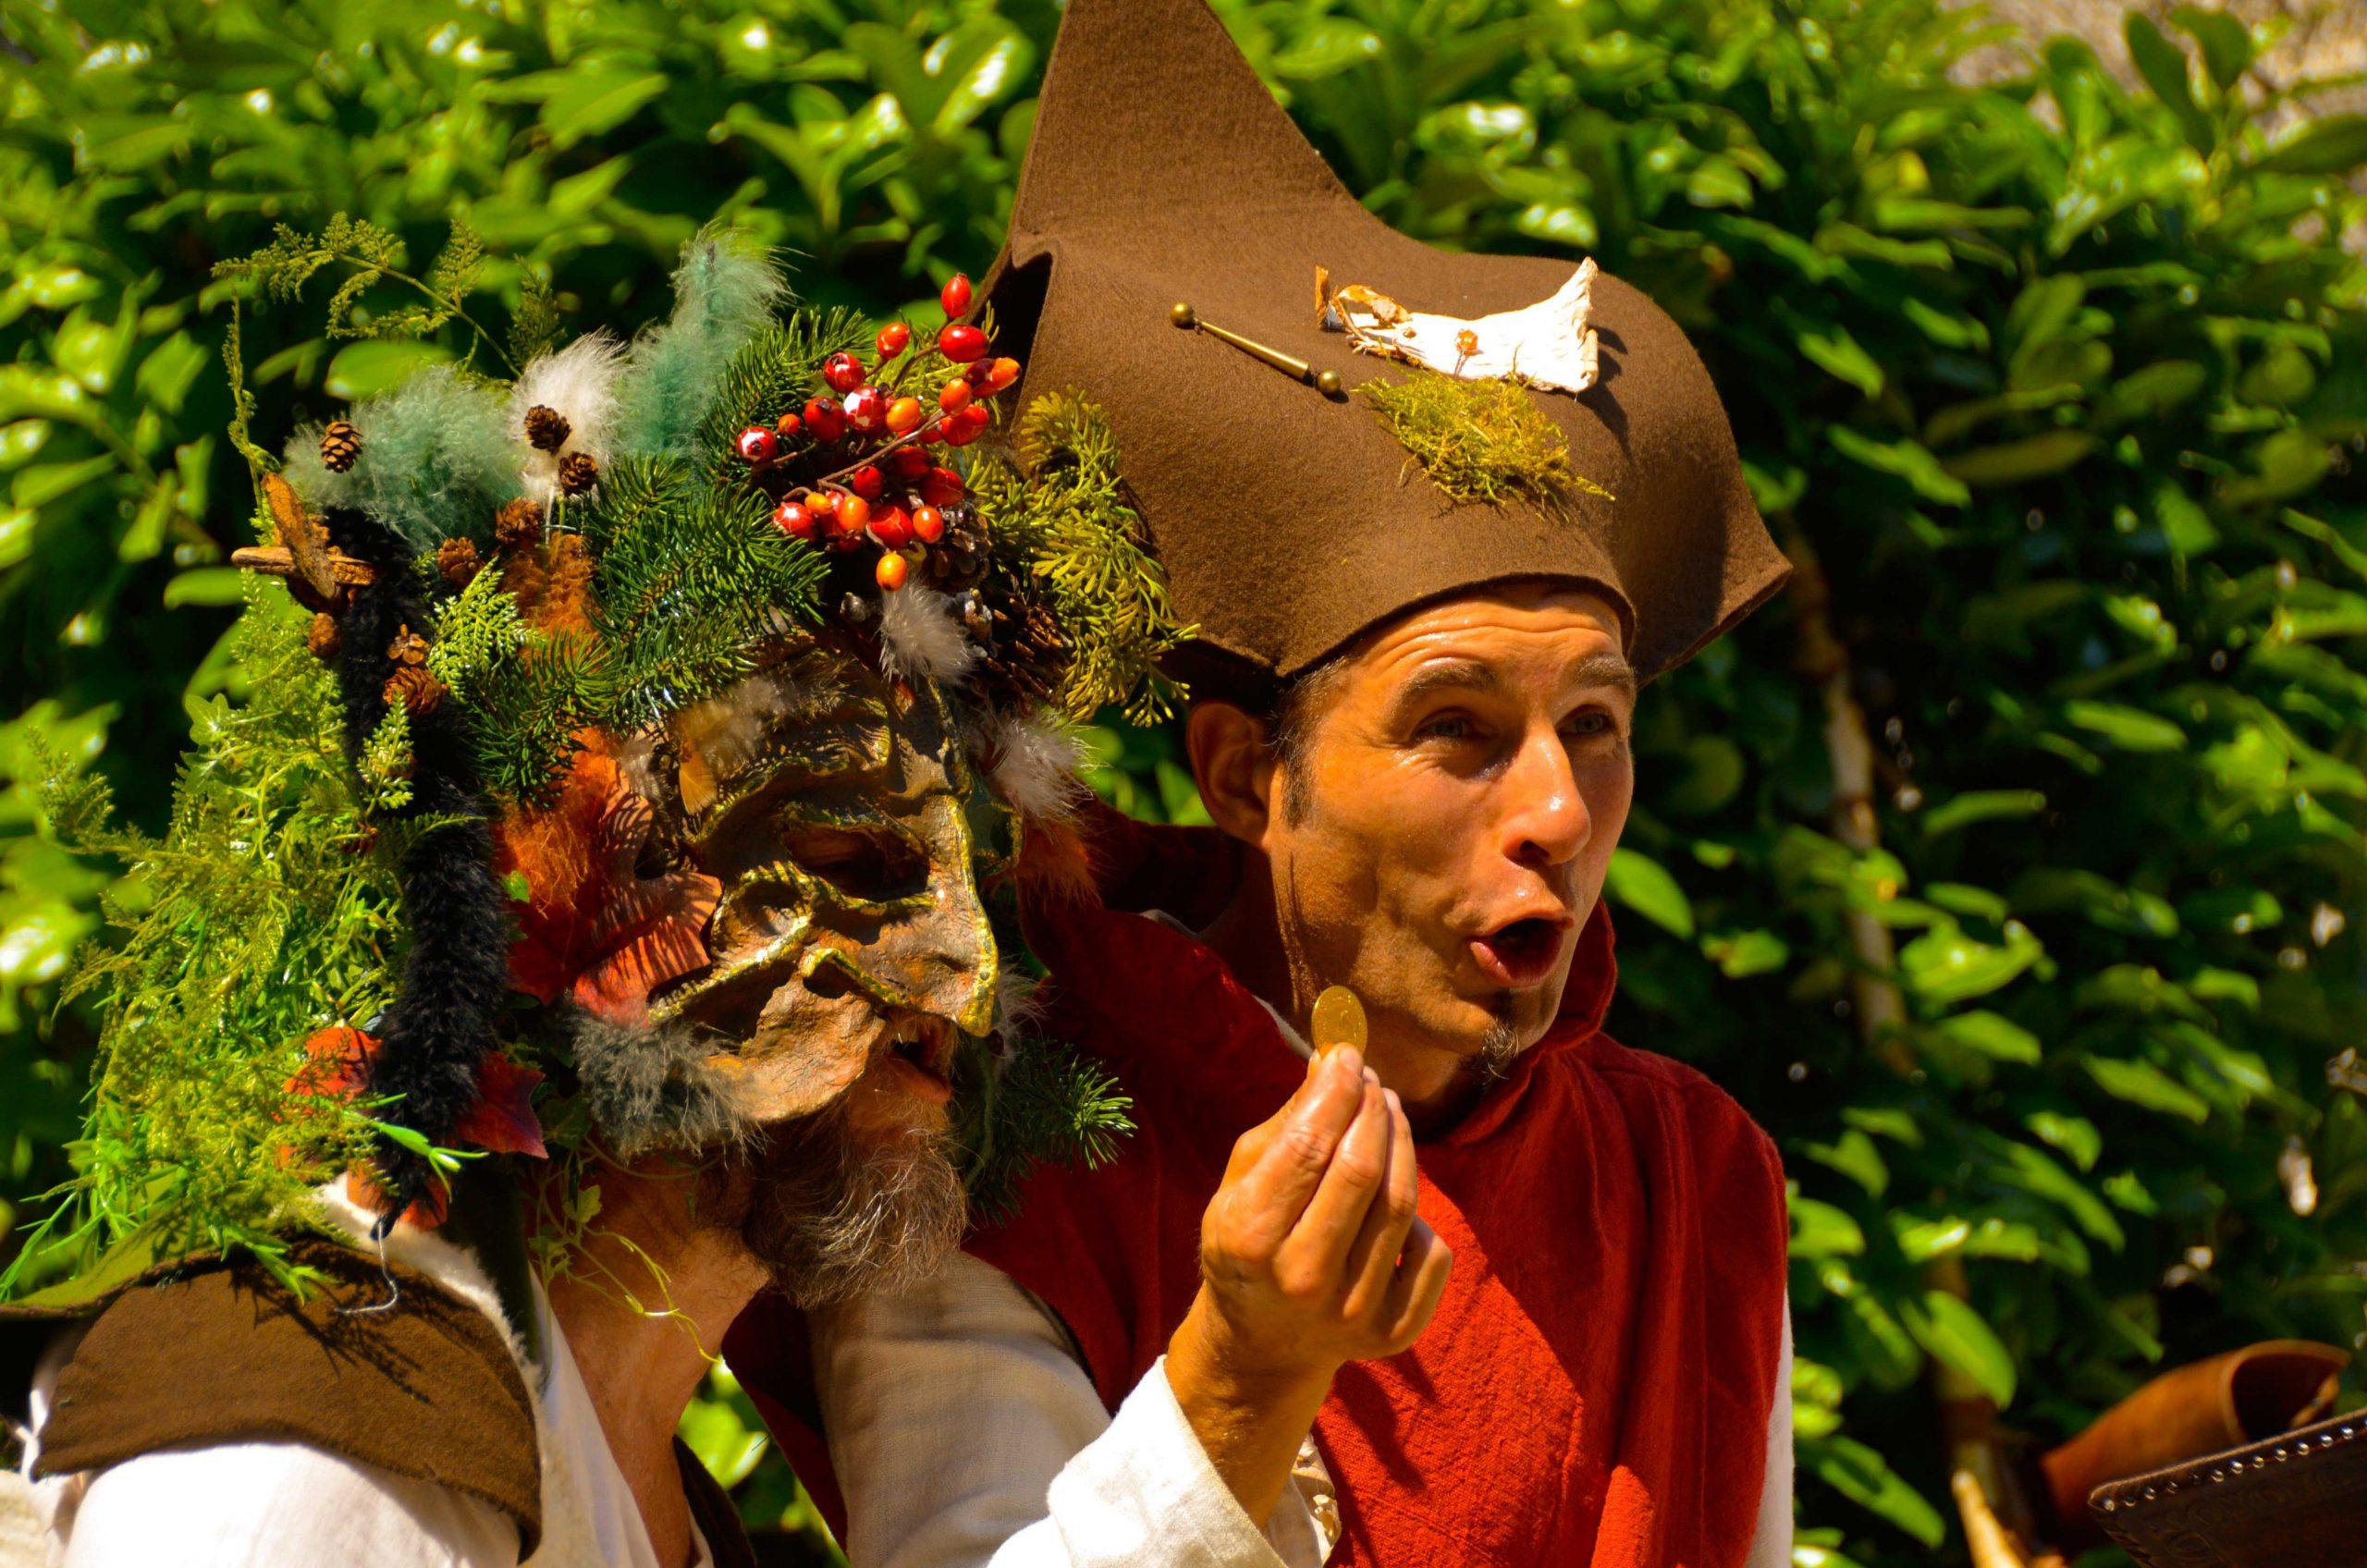 Ce spectacle, issu de la rencontre entre un jongleur et un percussionniste, crée une animation médiévale féérique fantastique qui réjouira aussi bien une fête du moyen-âge, un festival d'art de rue, un événement privé, qu'une cour de château. Procédez à un rapide voyage temporel versciedupetitgrimoire.ch